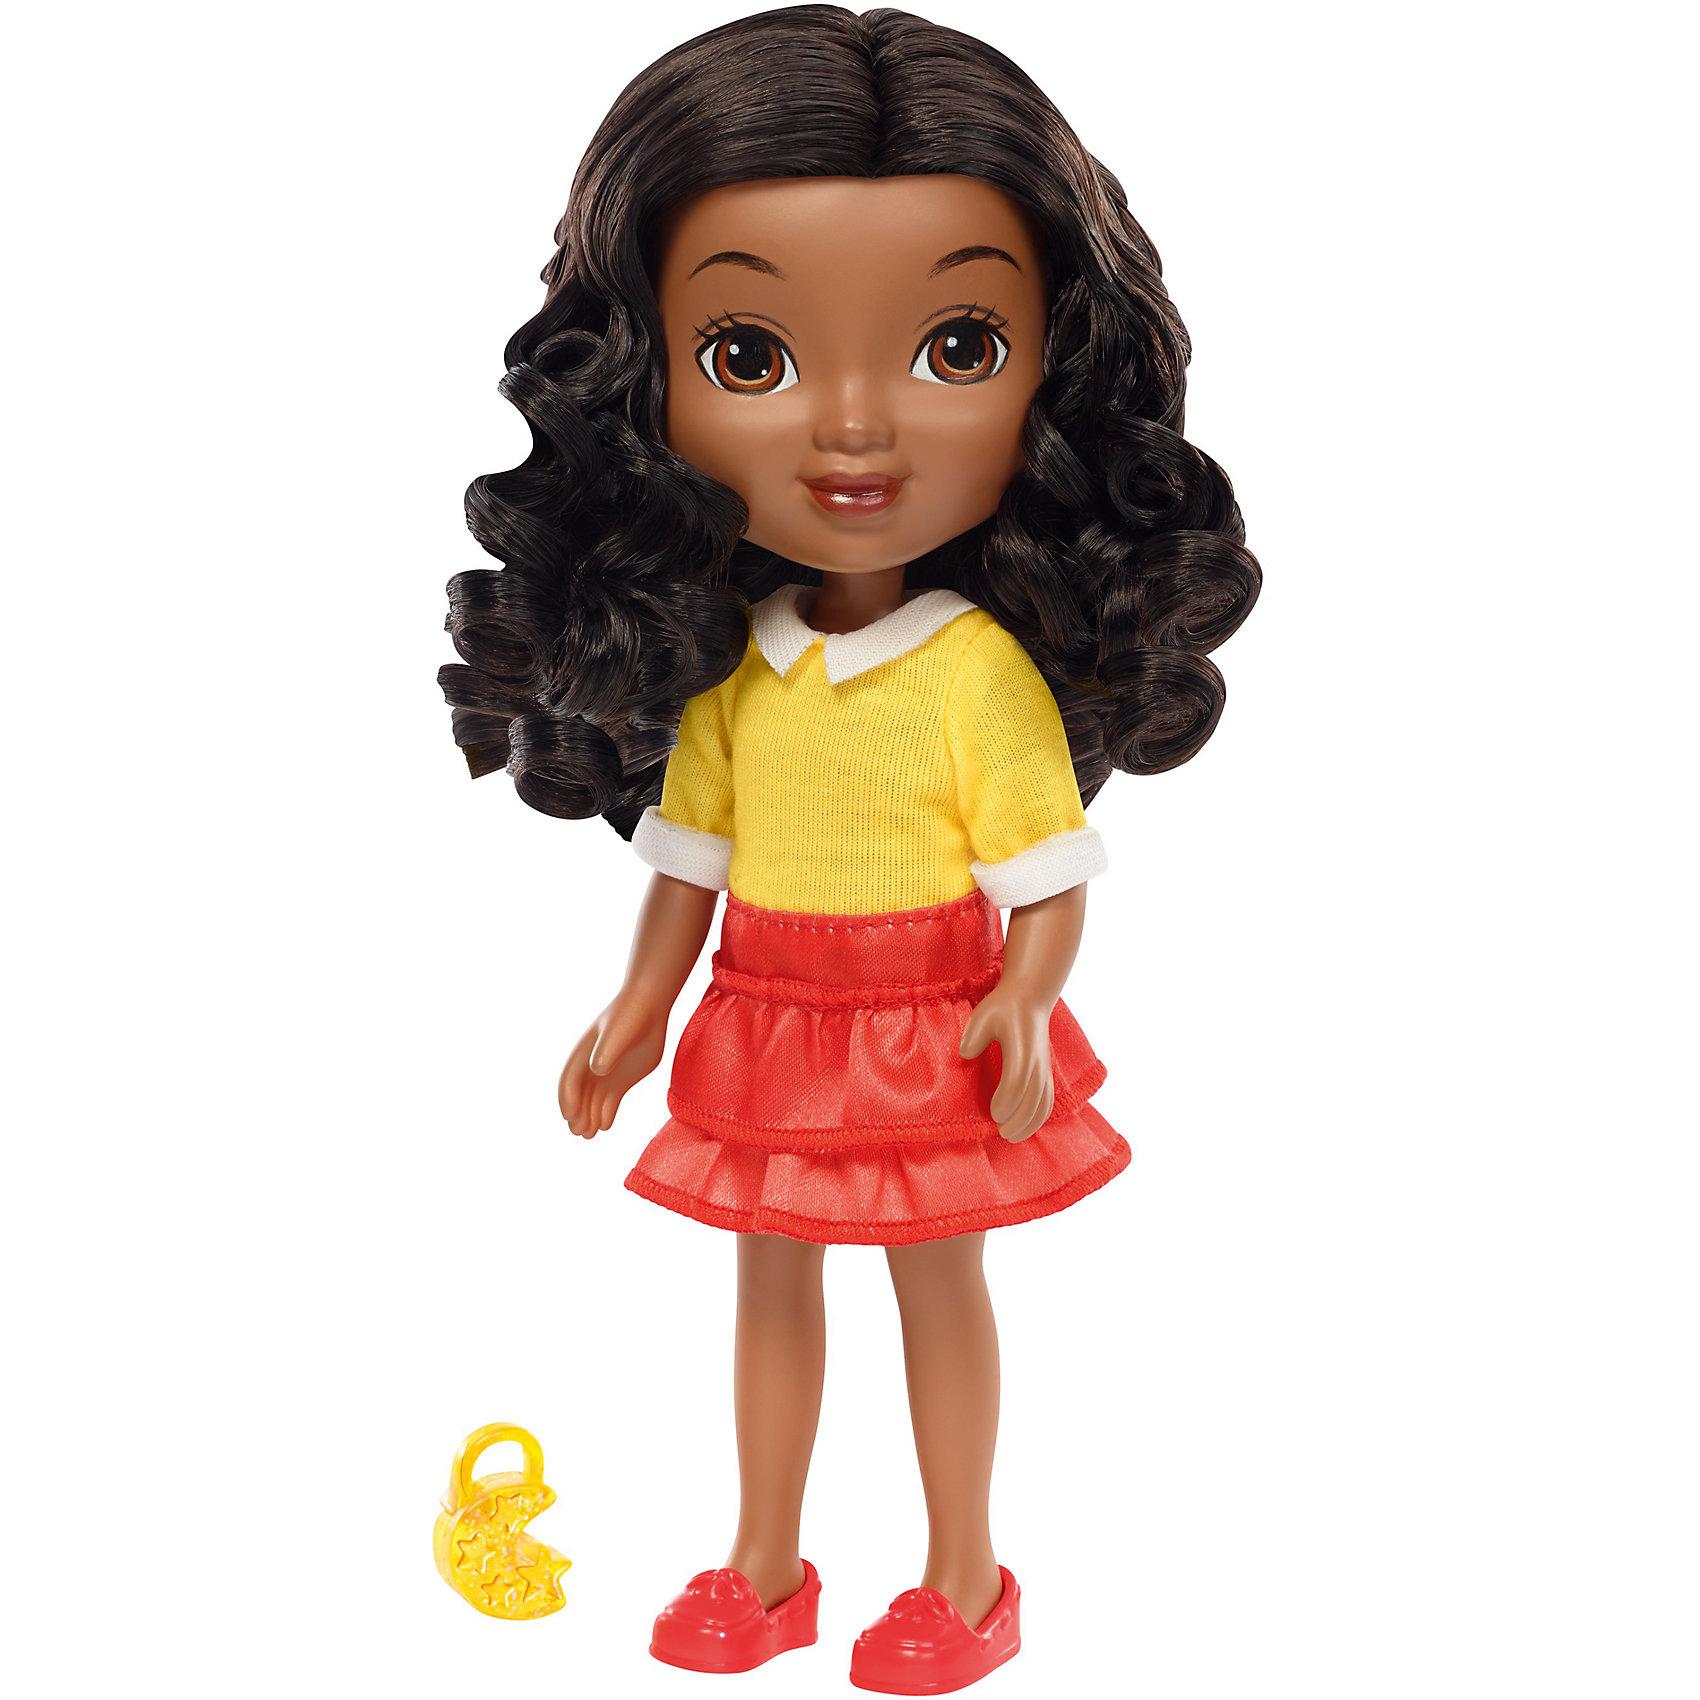 Кукла Эмма, Fisher Price, Даша и друзьяДаша-путешественница<br>Кукла Эмма, Fisher Price, Даша и друзья.<br><br>Характеристики:<br><br>• В наборе: кукла, шармик для браслета<br>• Высота куклы: 20 см.<br>• Материал: пластик, текстиль<br><br>Кукла Эмма из серии Даша и друзья от Fisher-Price - игрушка, о которой мечтают все девочки, следящие за приключениями героев популярного детского мультфильма. С этой куклой игры девочки наполнятся новыми приключениями, ведь Эмма будет использовать все свои возможности и разгадает все тайны. Эмма одета в желтую трикотажную кофту, ярко-красную юбку с оборками и ярко-красные туфли. Длинные волнистые черные волосы куклы красиво уложены в прическу, их можно расчесывать и заплетать. Лицо куклы тщательно прорисовано. У Эммы большие выразительные карие глаза. Руки и ноги куклы подвижны, шарниров в суставах нет. <br><br>Кукла изготовлена из качественных безопасных для здоровья материалов. В дополнение к кукле в набор входит шармик для браслета, который может быть использован с интерактивной куклой этой серии — Fisher-Price Talking Dora &amp; Smartphone! Просто наложите шармик в магический смартфон, чтобы услышать мелодии и фразы!<br><br>Куклу Эмма, Fisher Price, Даша и друзья можно купить в нашем интернет-магазине.<br><br>Ширина мм: 115<br>Глубина мм: 70<br>Высота мм: 230<br>Вес г: 218<br>Возраст от месяцев: 36<br>Возраст до месяцев: 120<br>Пол: Женский<br>Возраст: Детский<br>SKU: 5440329